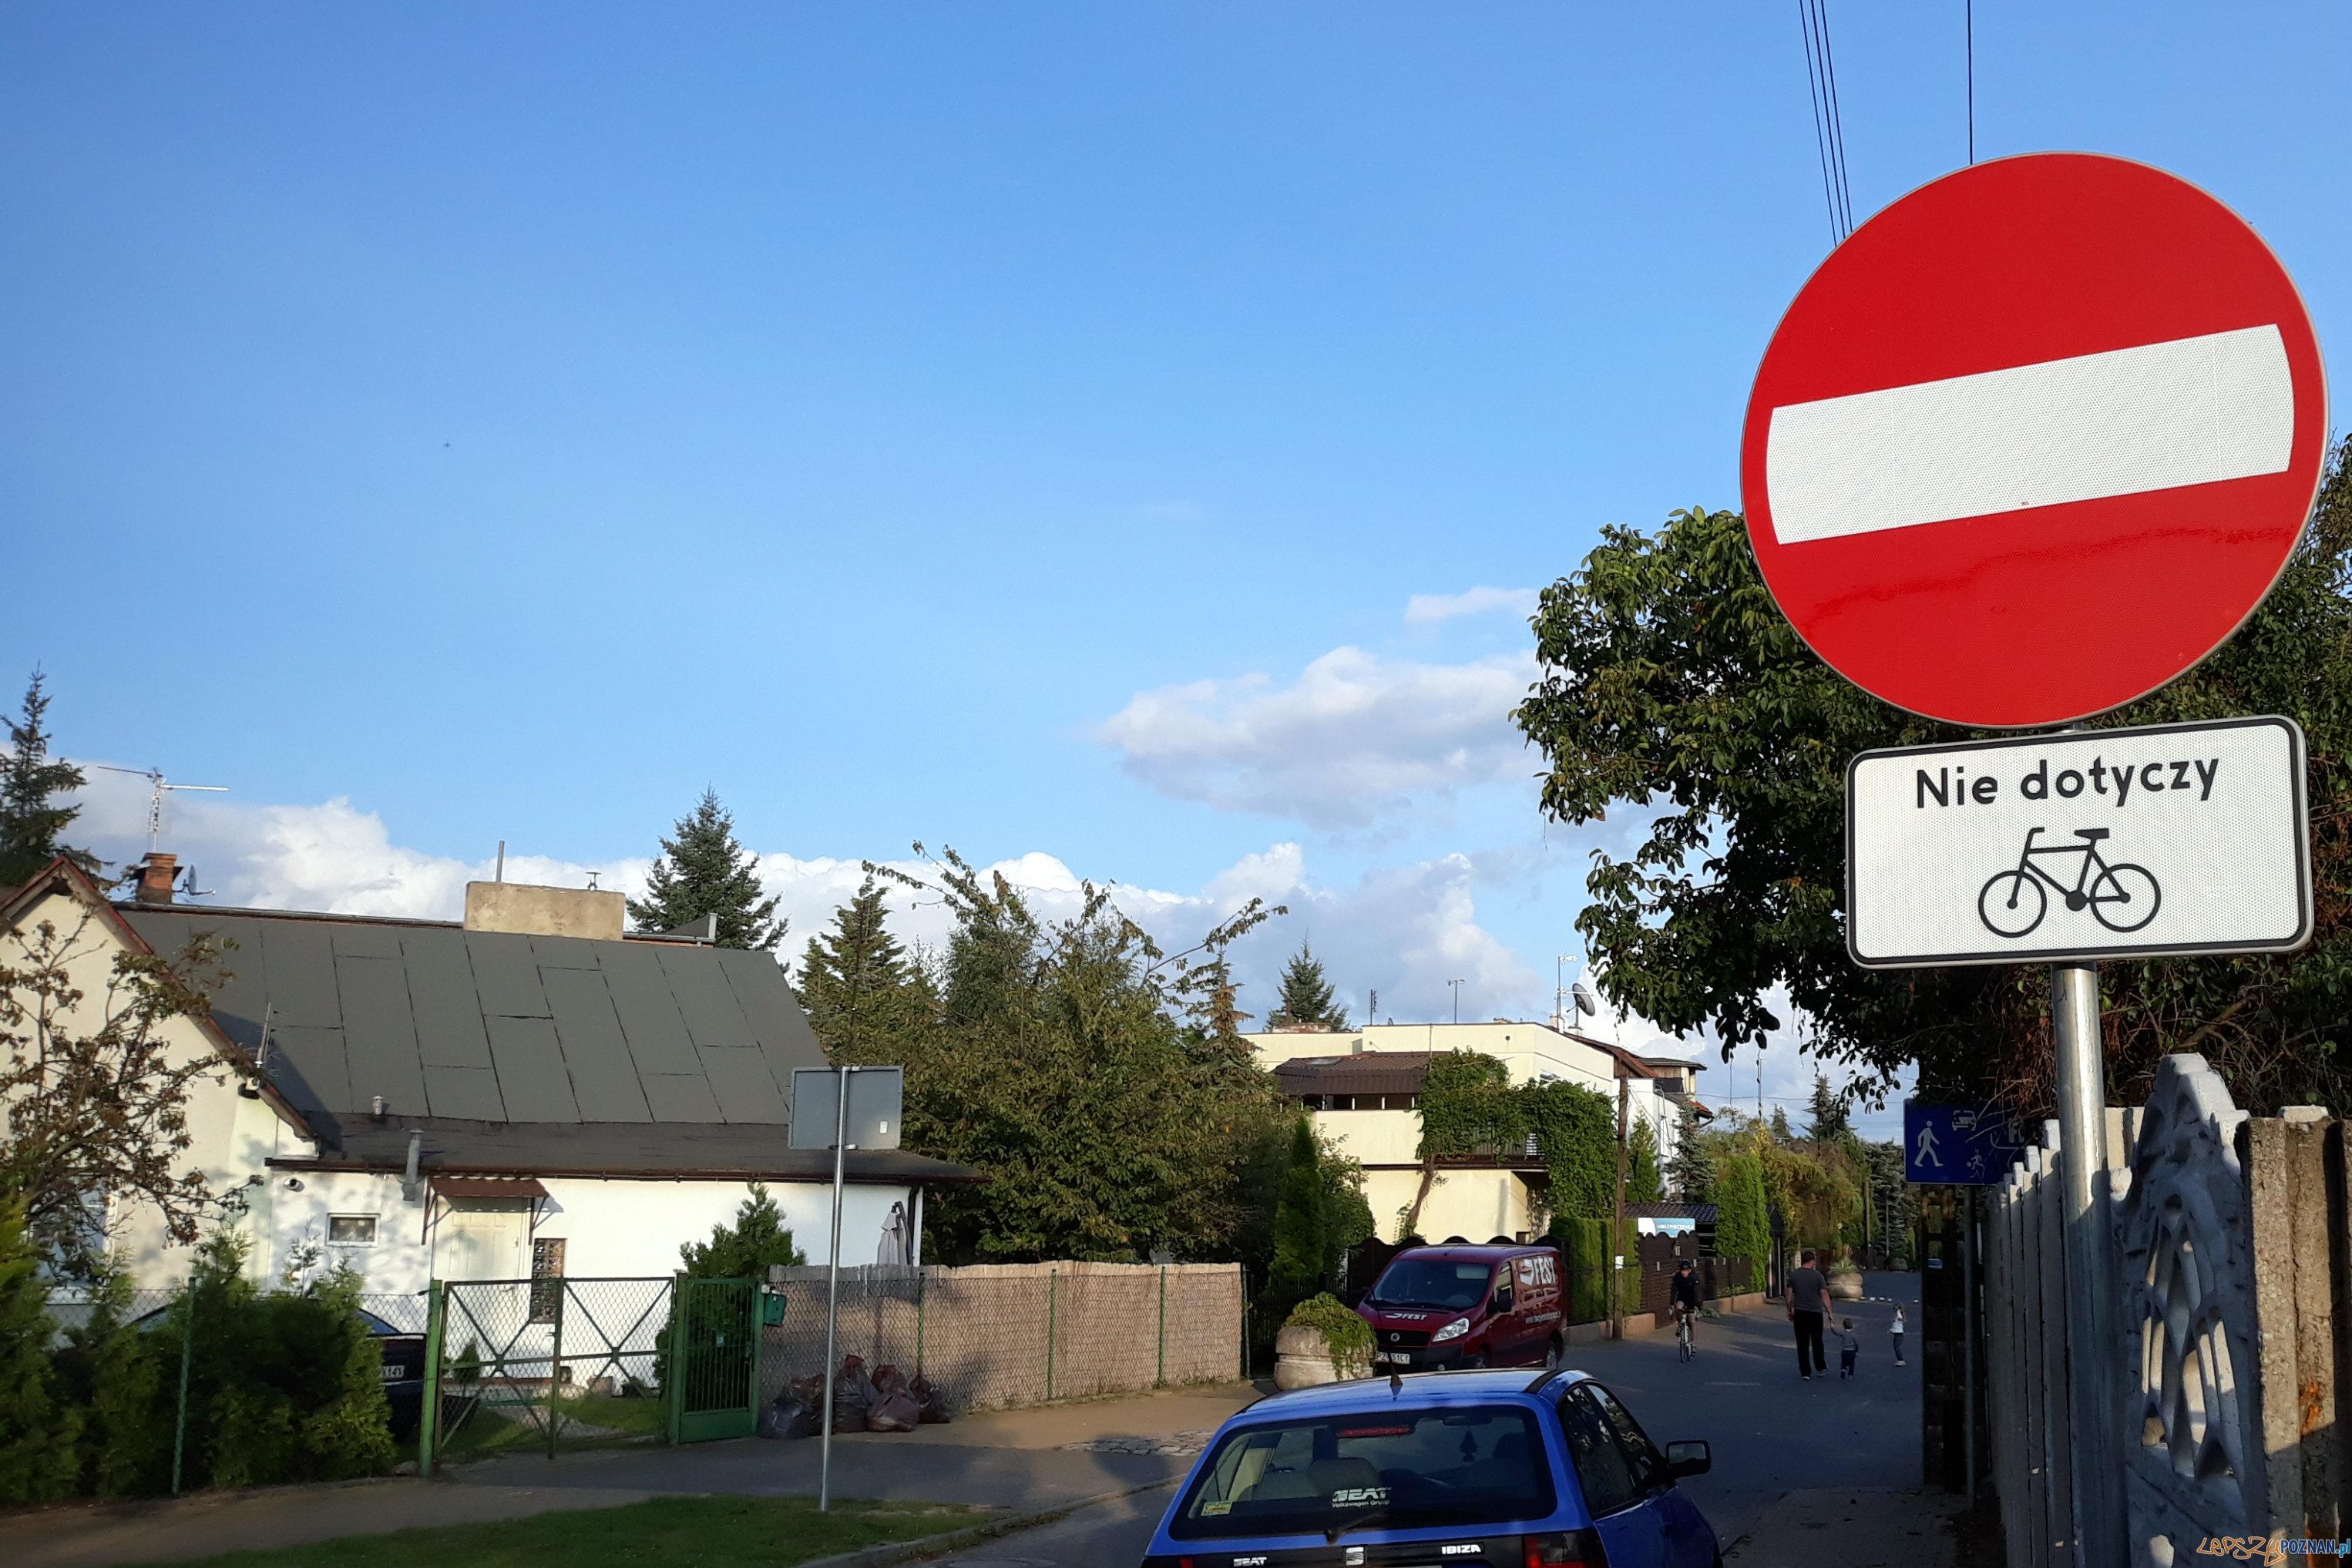 Pusta tylko w jednym kierunku  Foto: fb.com/poznan.antoninek